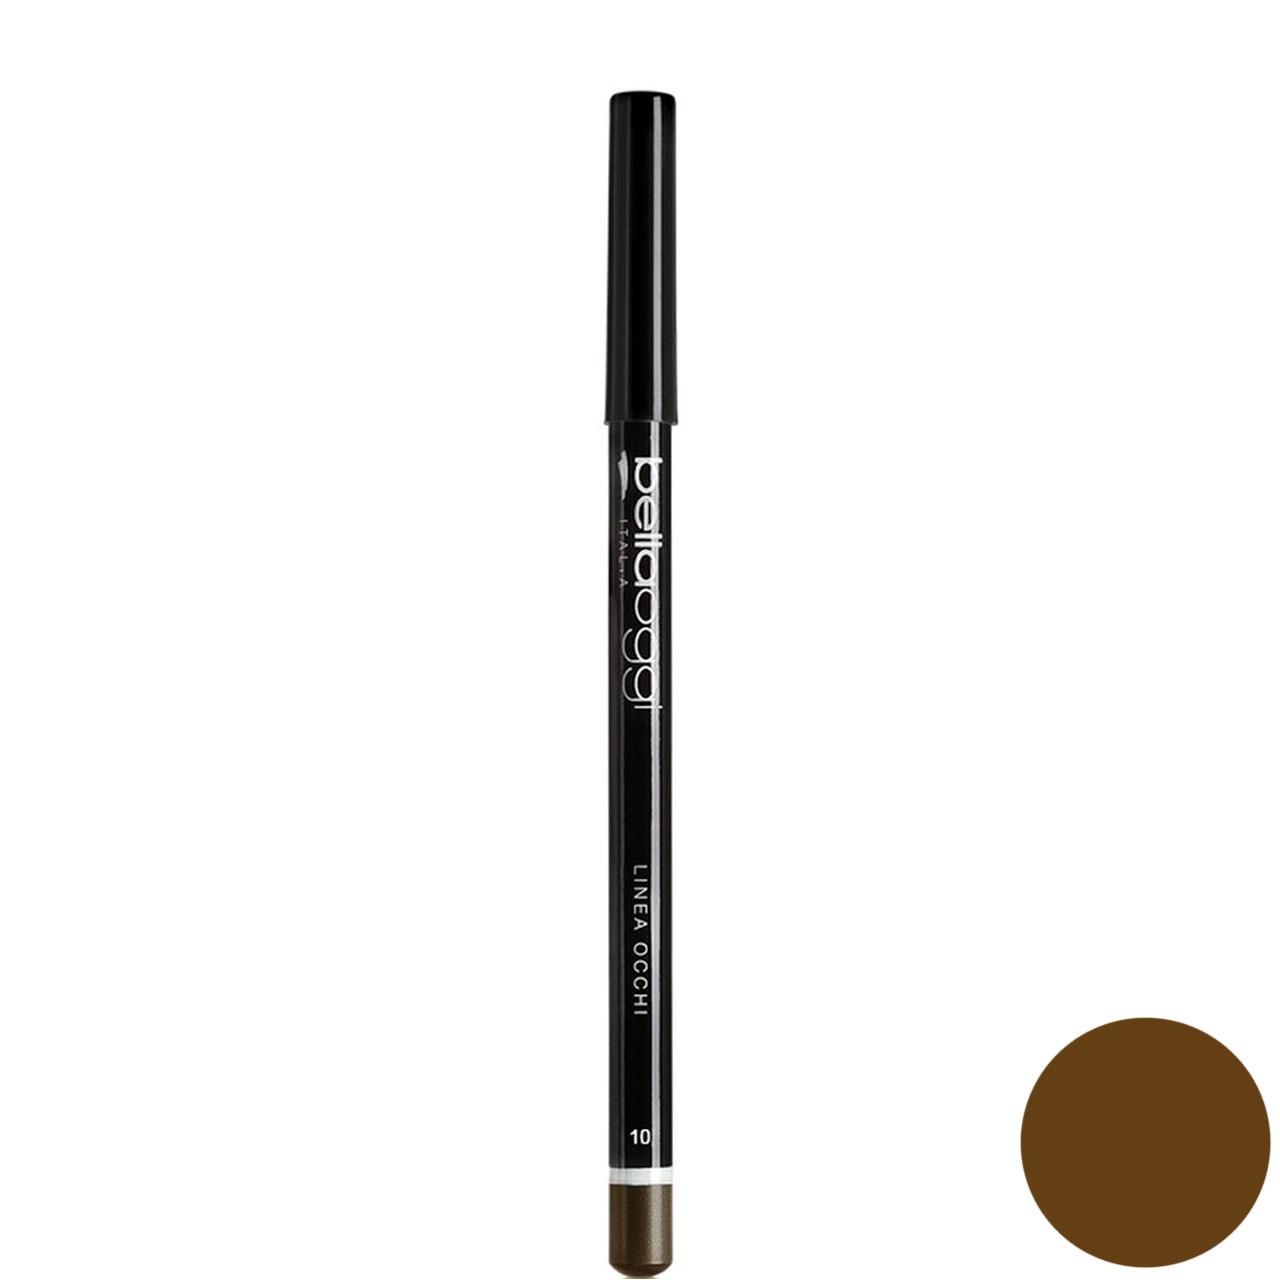 مداد چشم رنگی بلاوجی مدل LINEA OCCHI 010 شماره brown 010